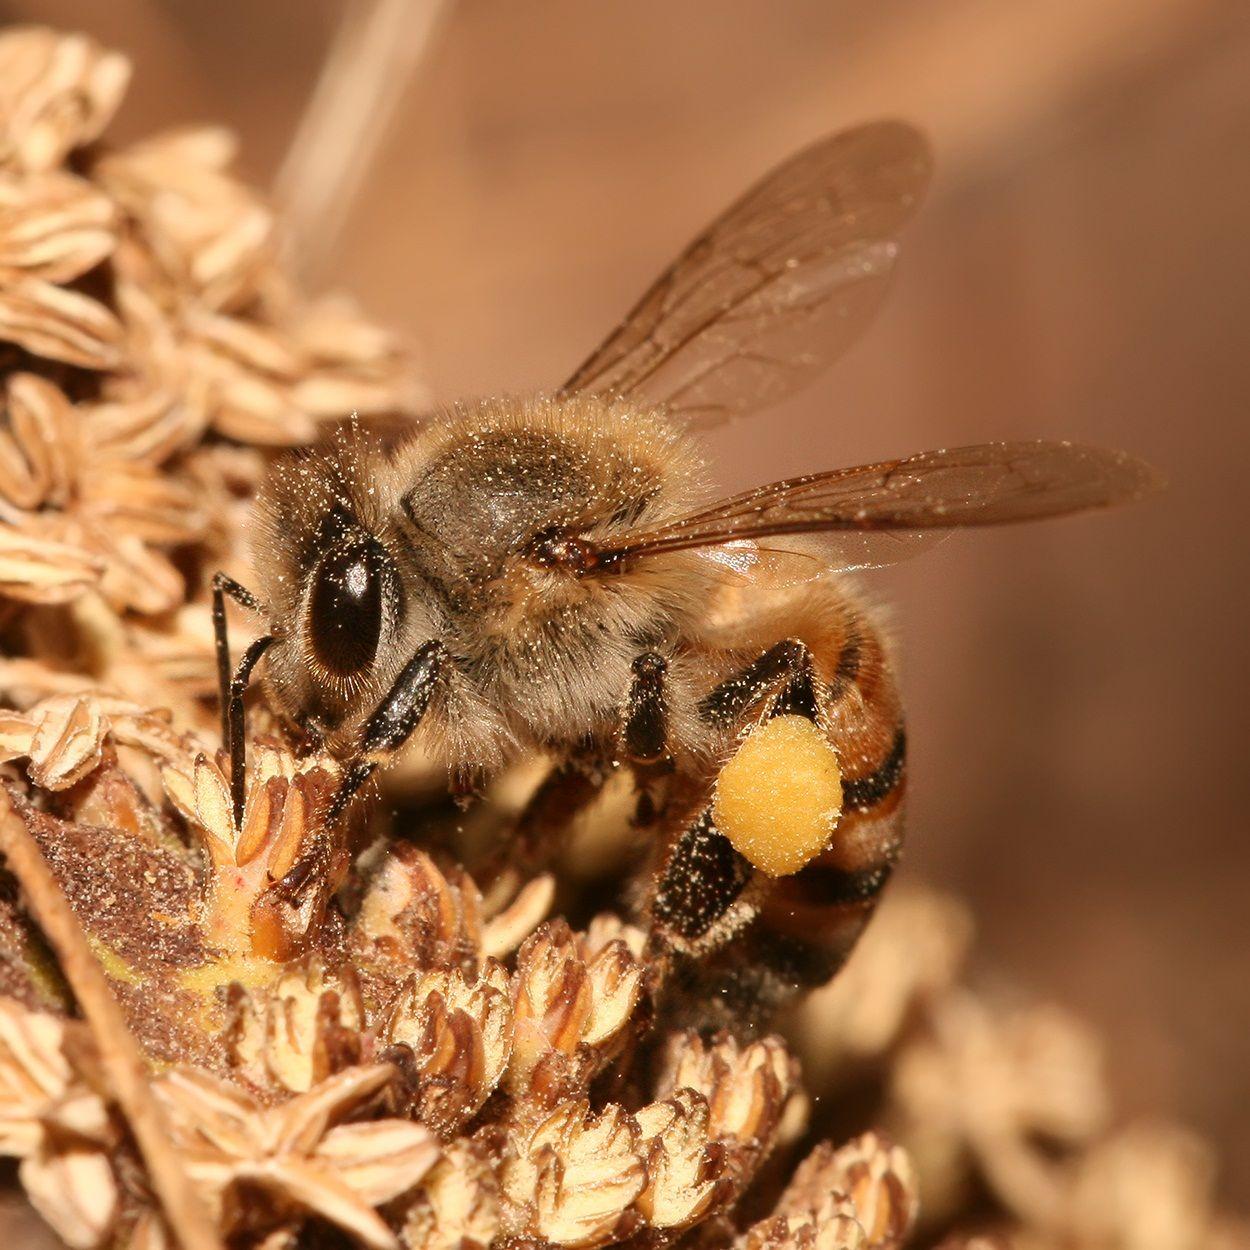 زنبور کارگر در حال جمع آوری گرده گل